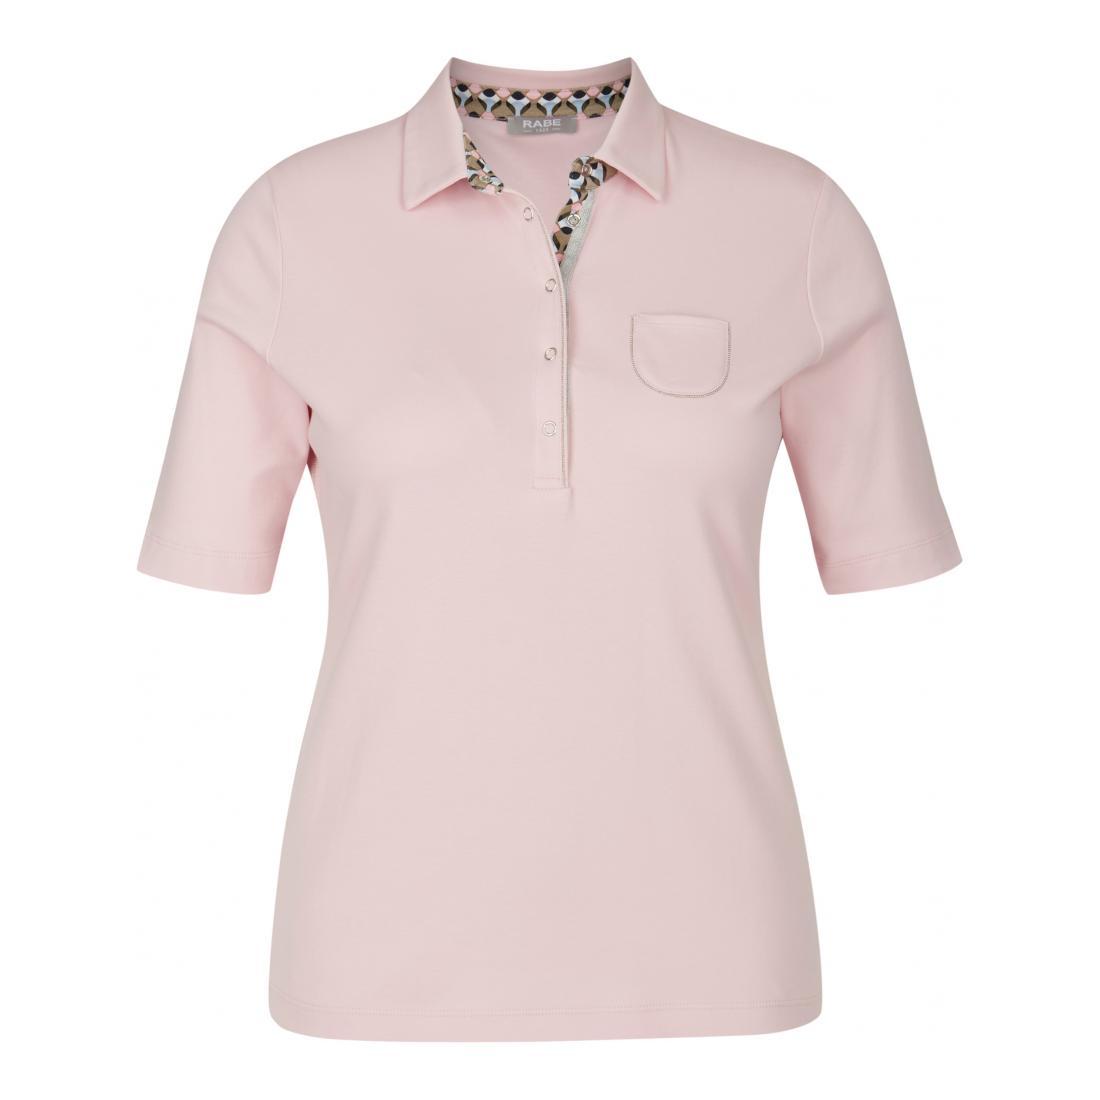 Rabe Polo Damen T-Shirt